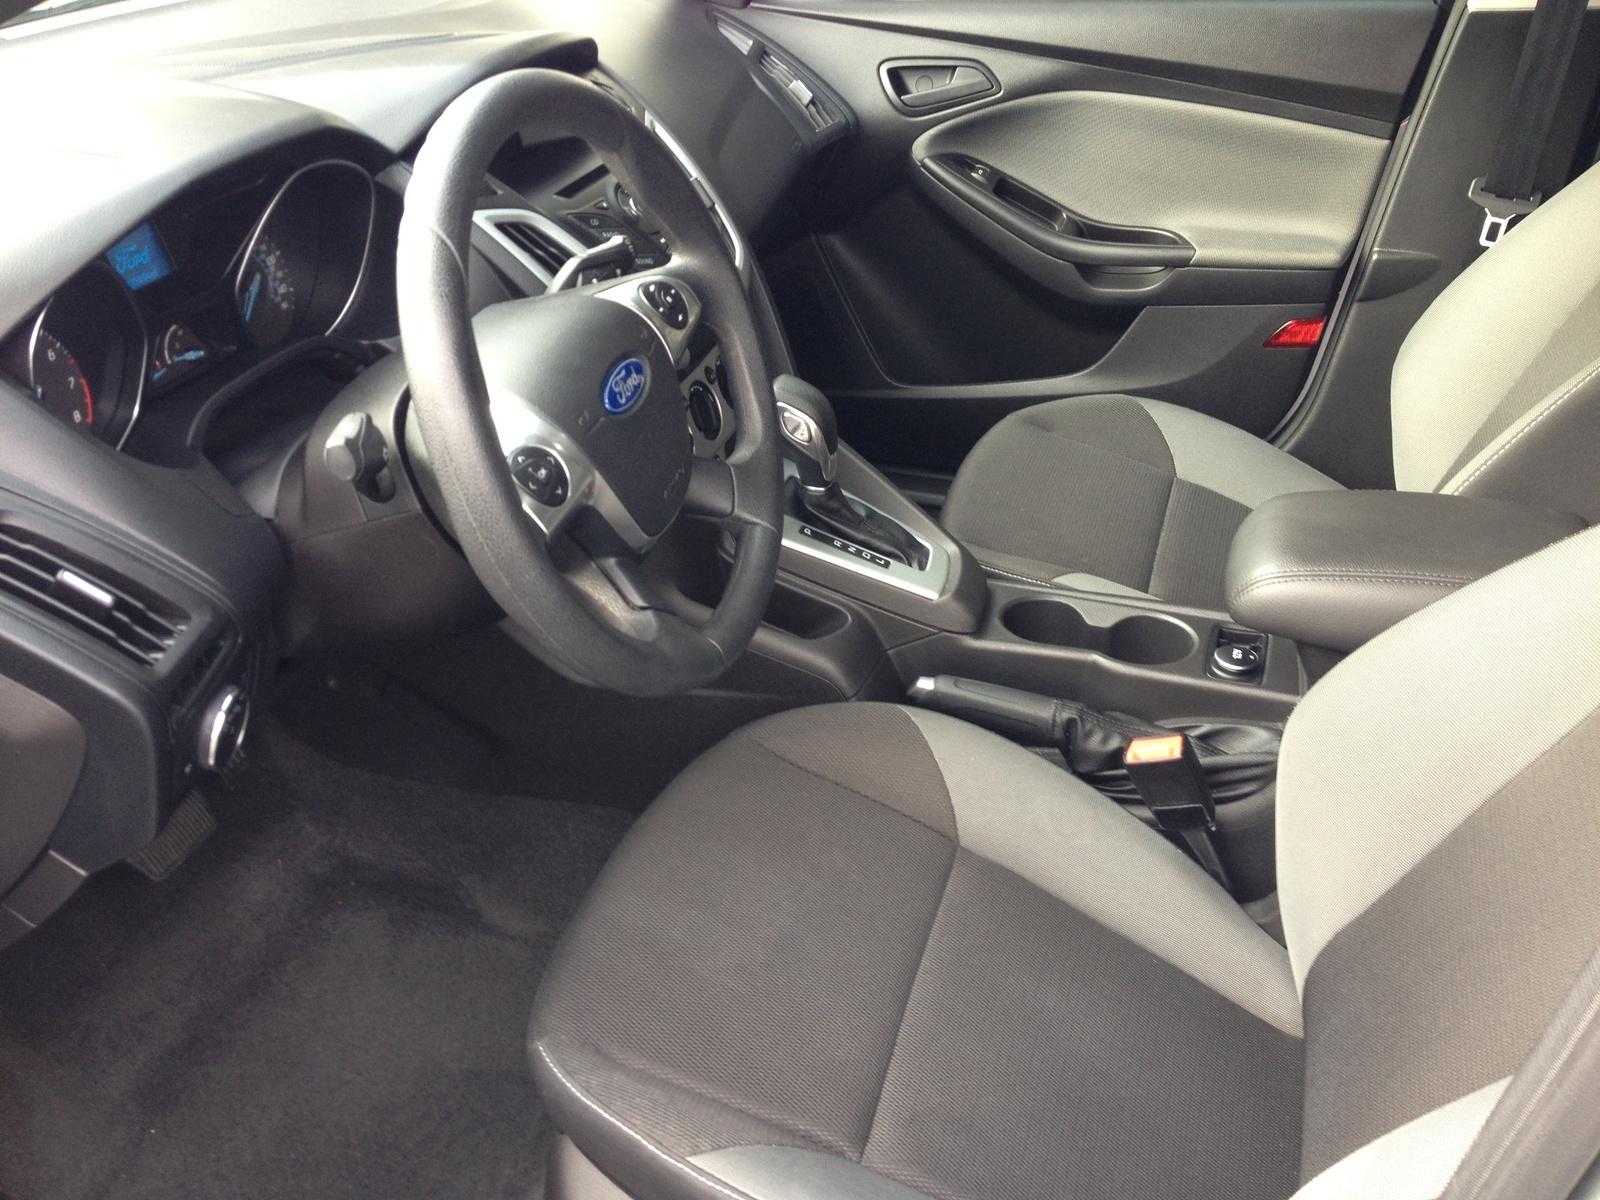 Ford Focus Interior 2005